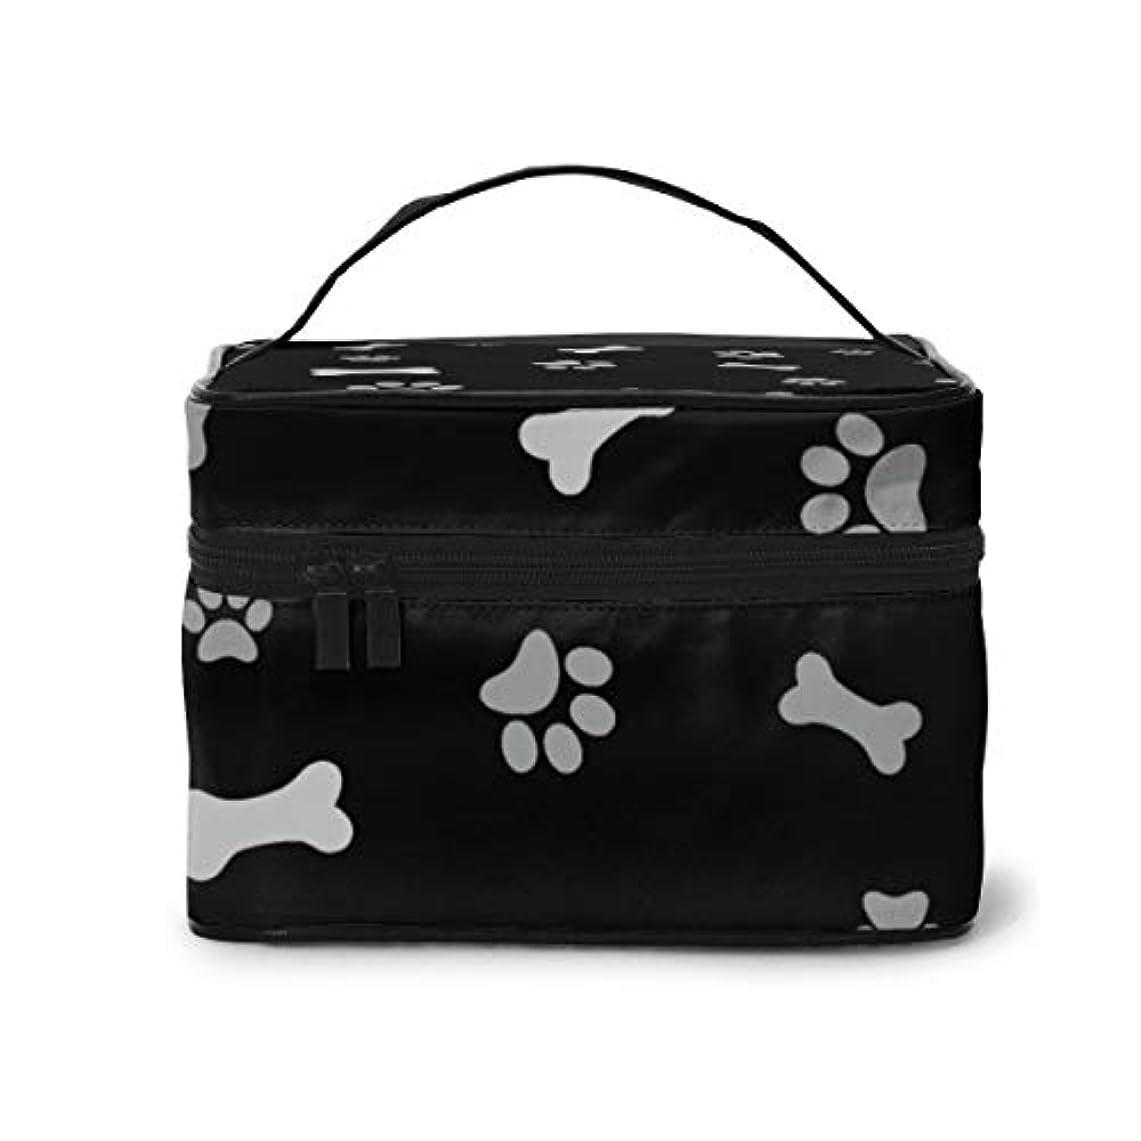 告白するクラックいたずらメイクポーチ 化粧ポーチ コスメバッグ バニティケース トラベルポーチ 犬 イヌ 骨 足 雑貨 小物入れ 出張用 超軽量 機能的 大容量 収納ボックス